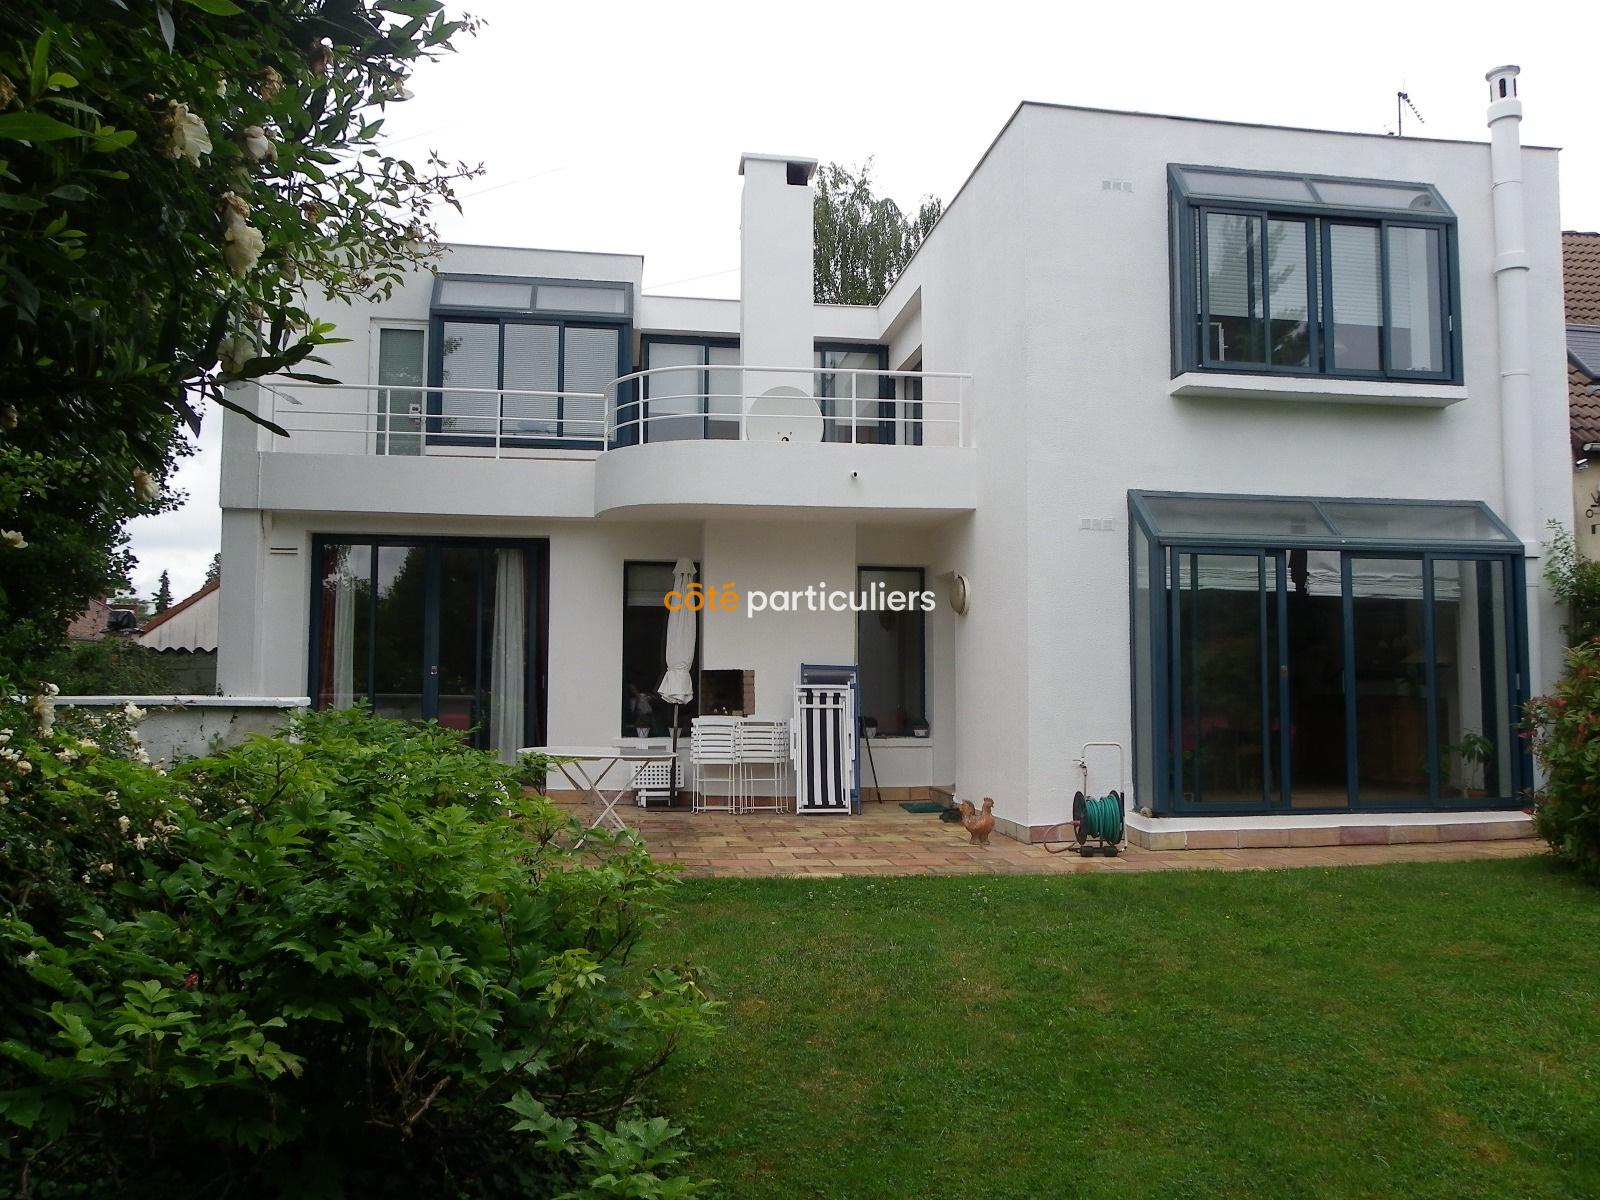 Immobilier clamart - vente et location appartements, maisons clamart